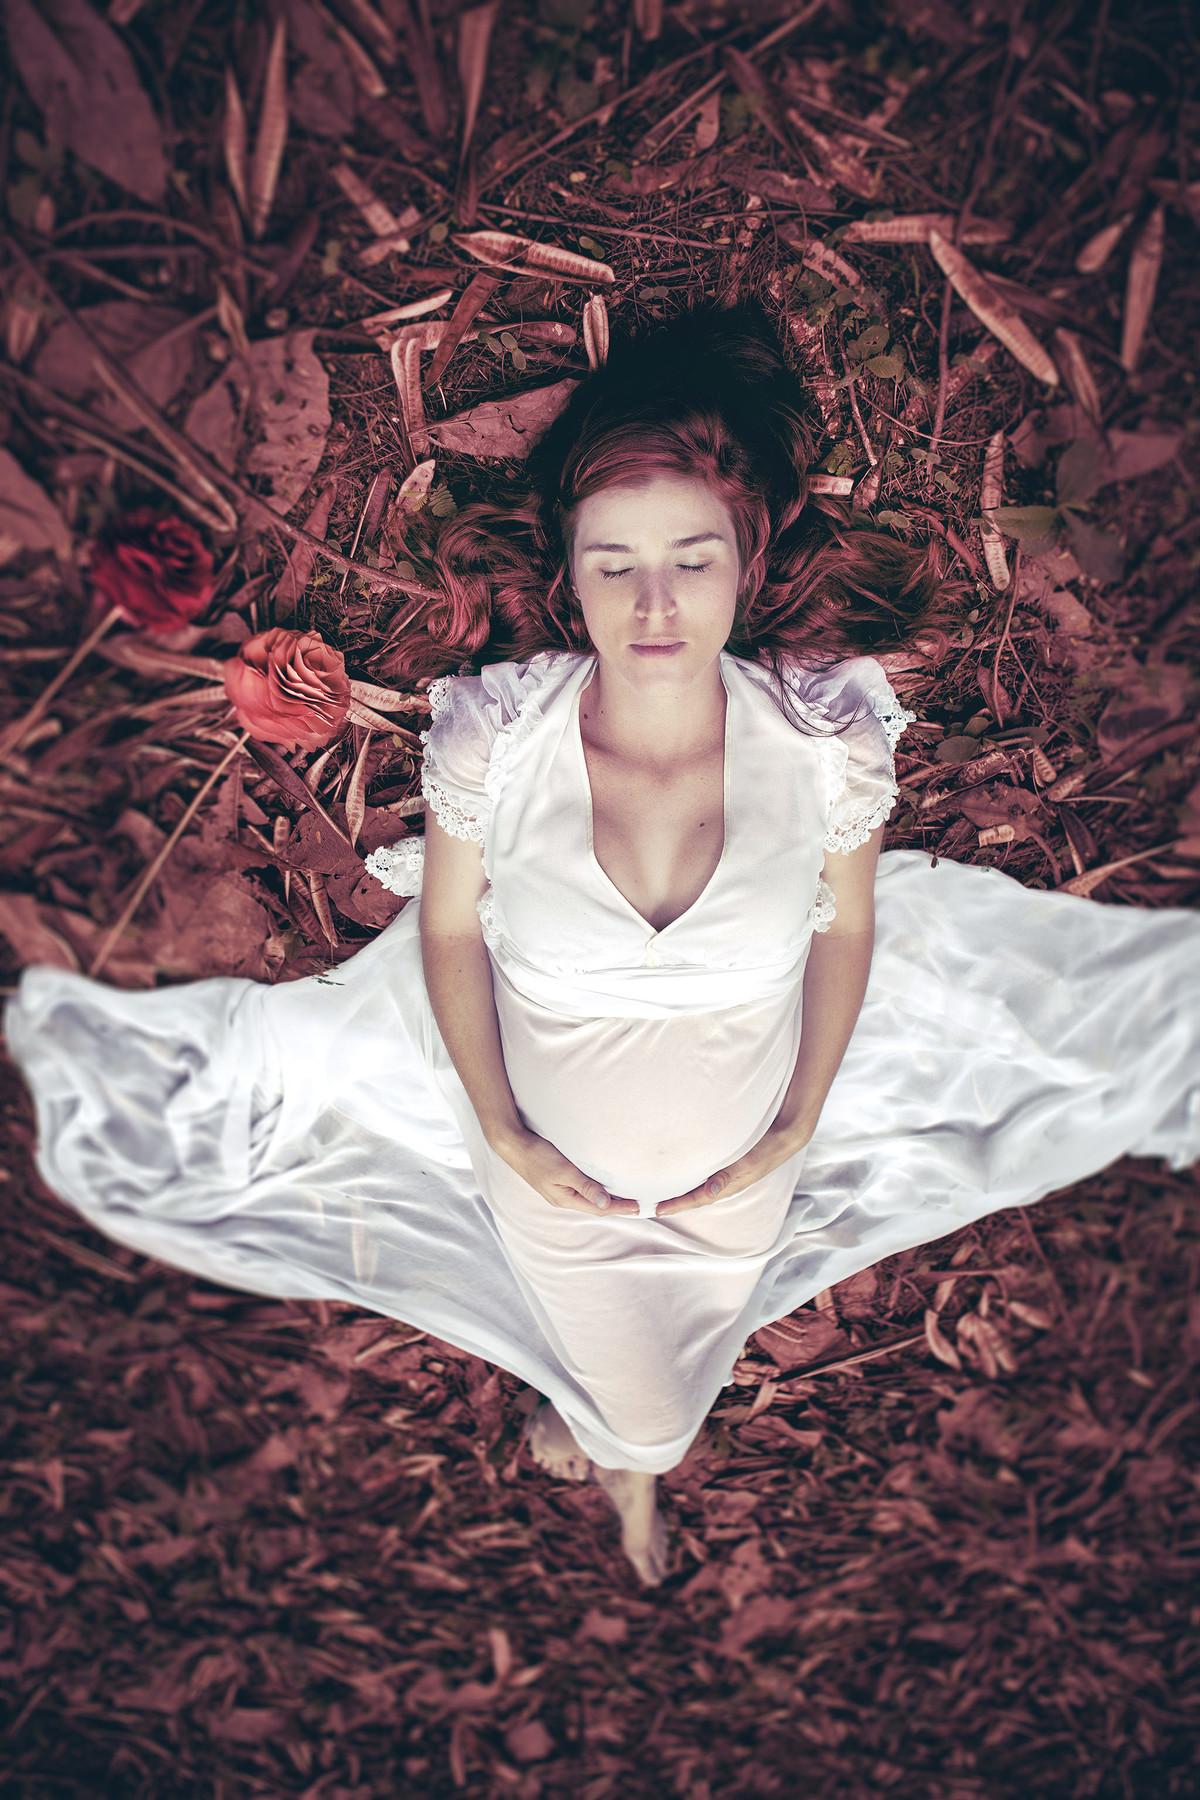 Grávida deitada no chão de olhos fechados usando um vestido branco.